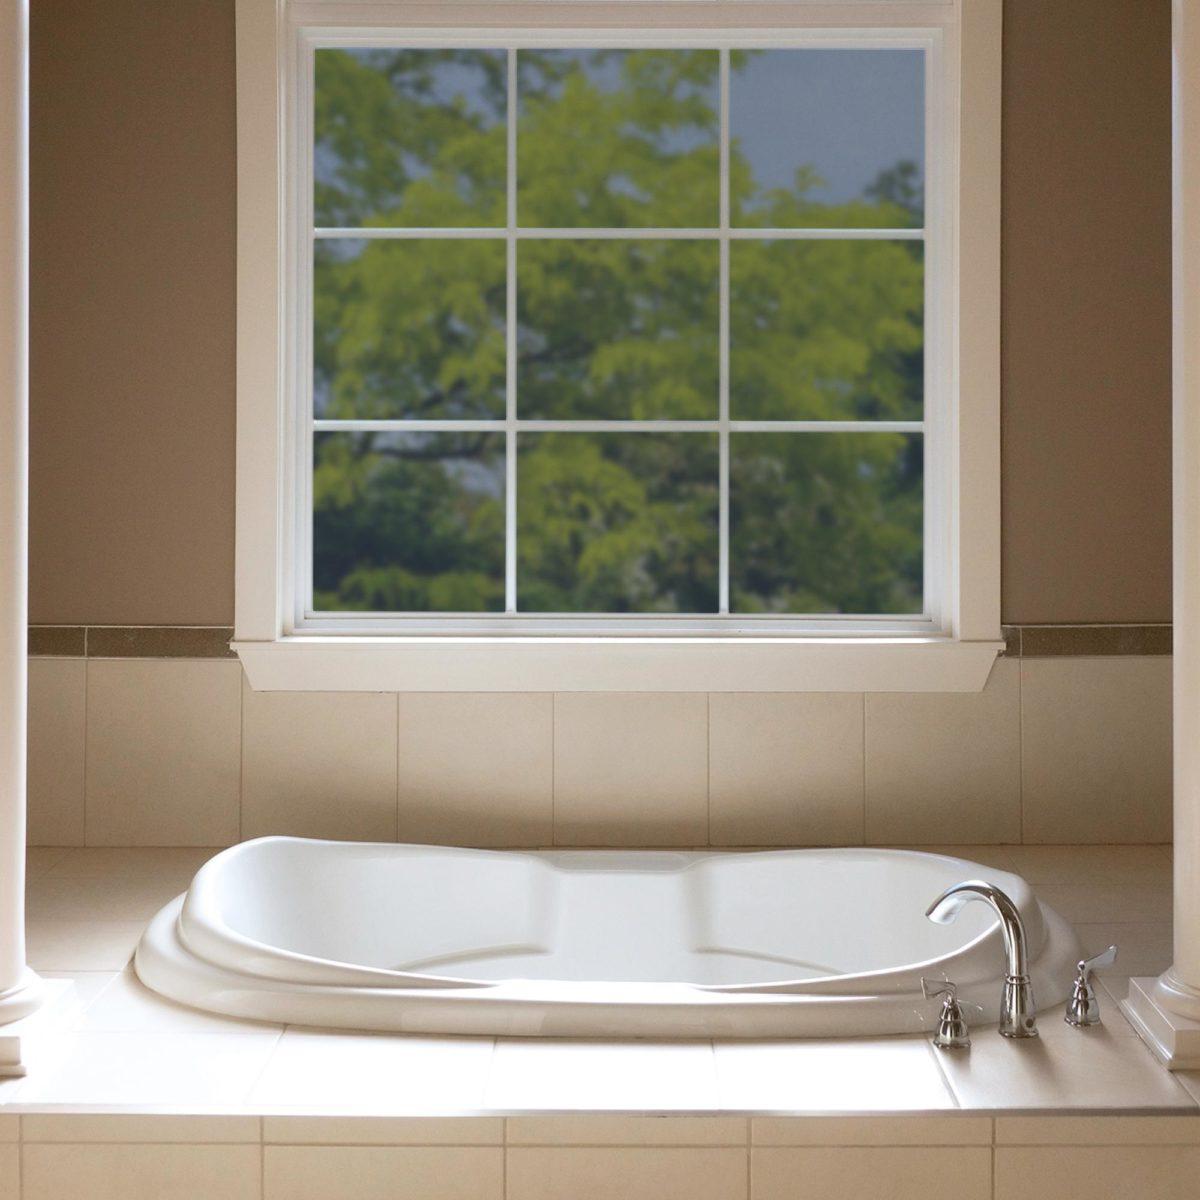 Pellicole specchio finestre - Applicazione pellicole vetri finestre ...